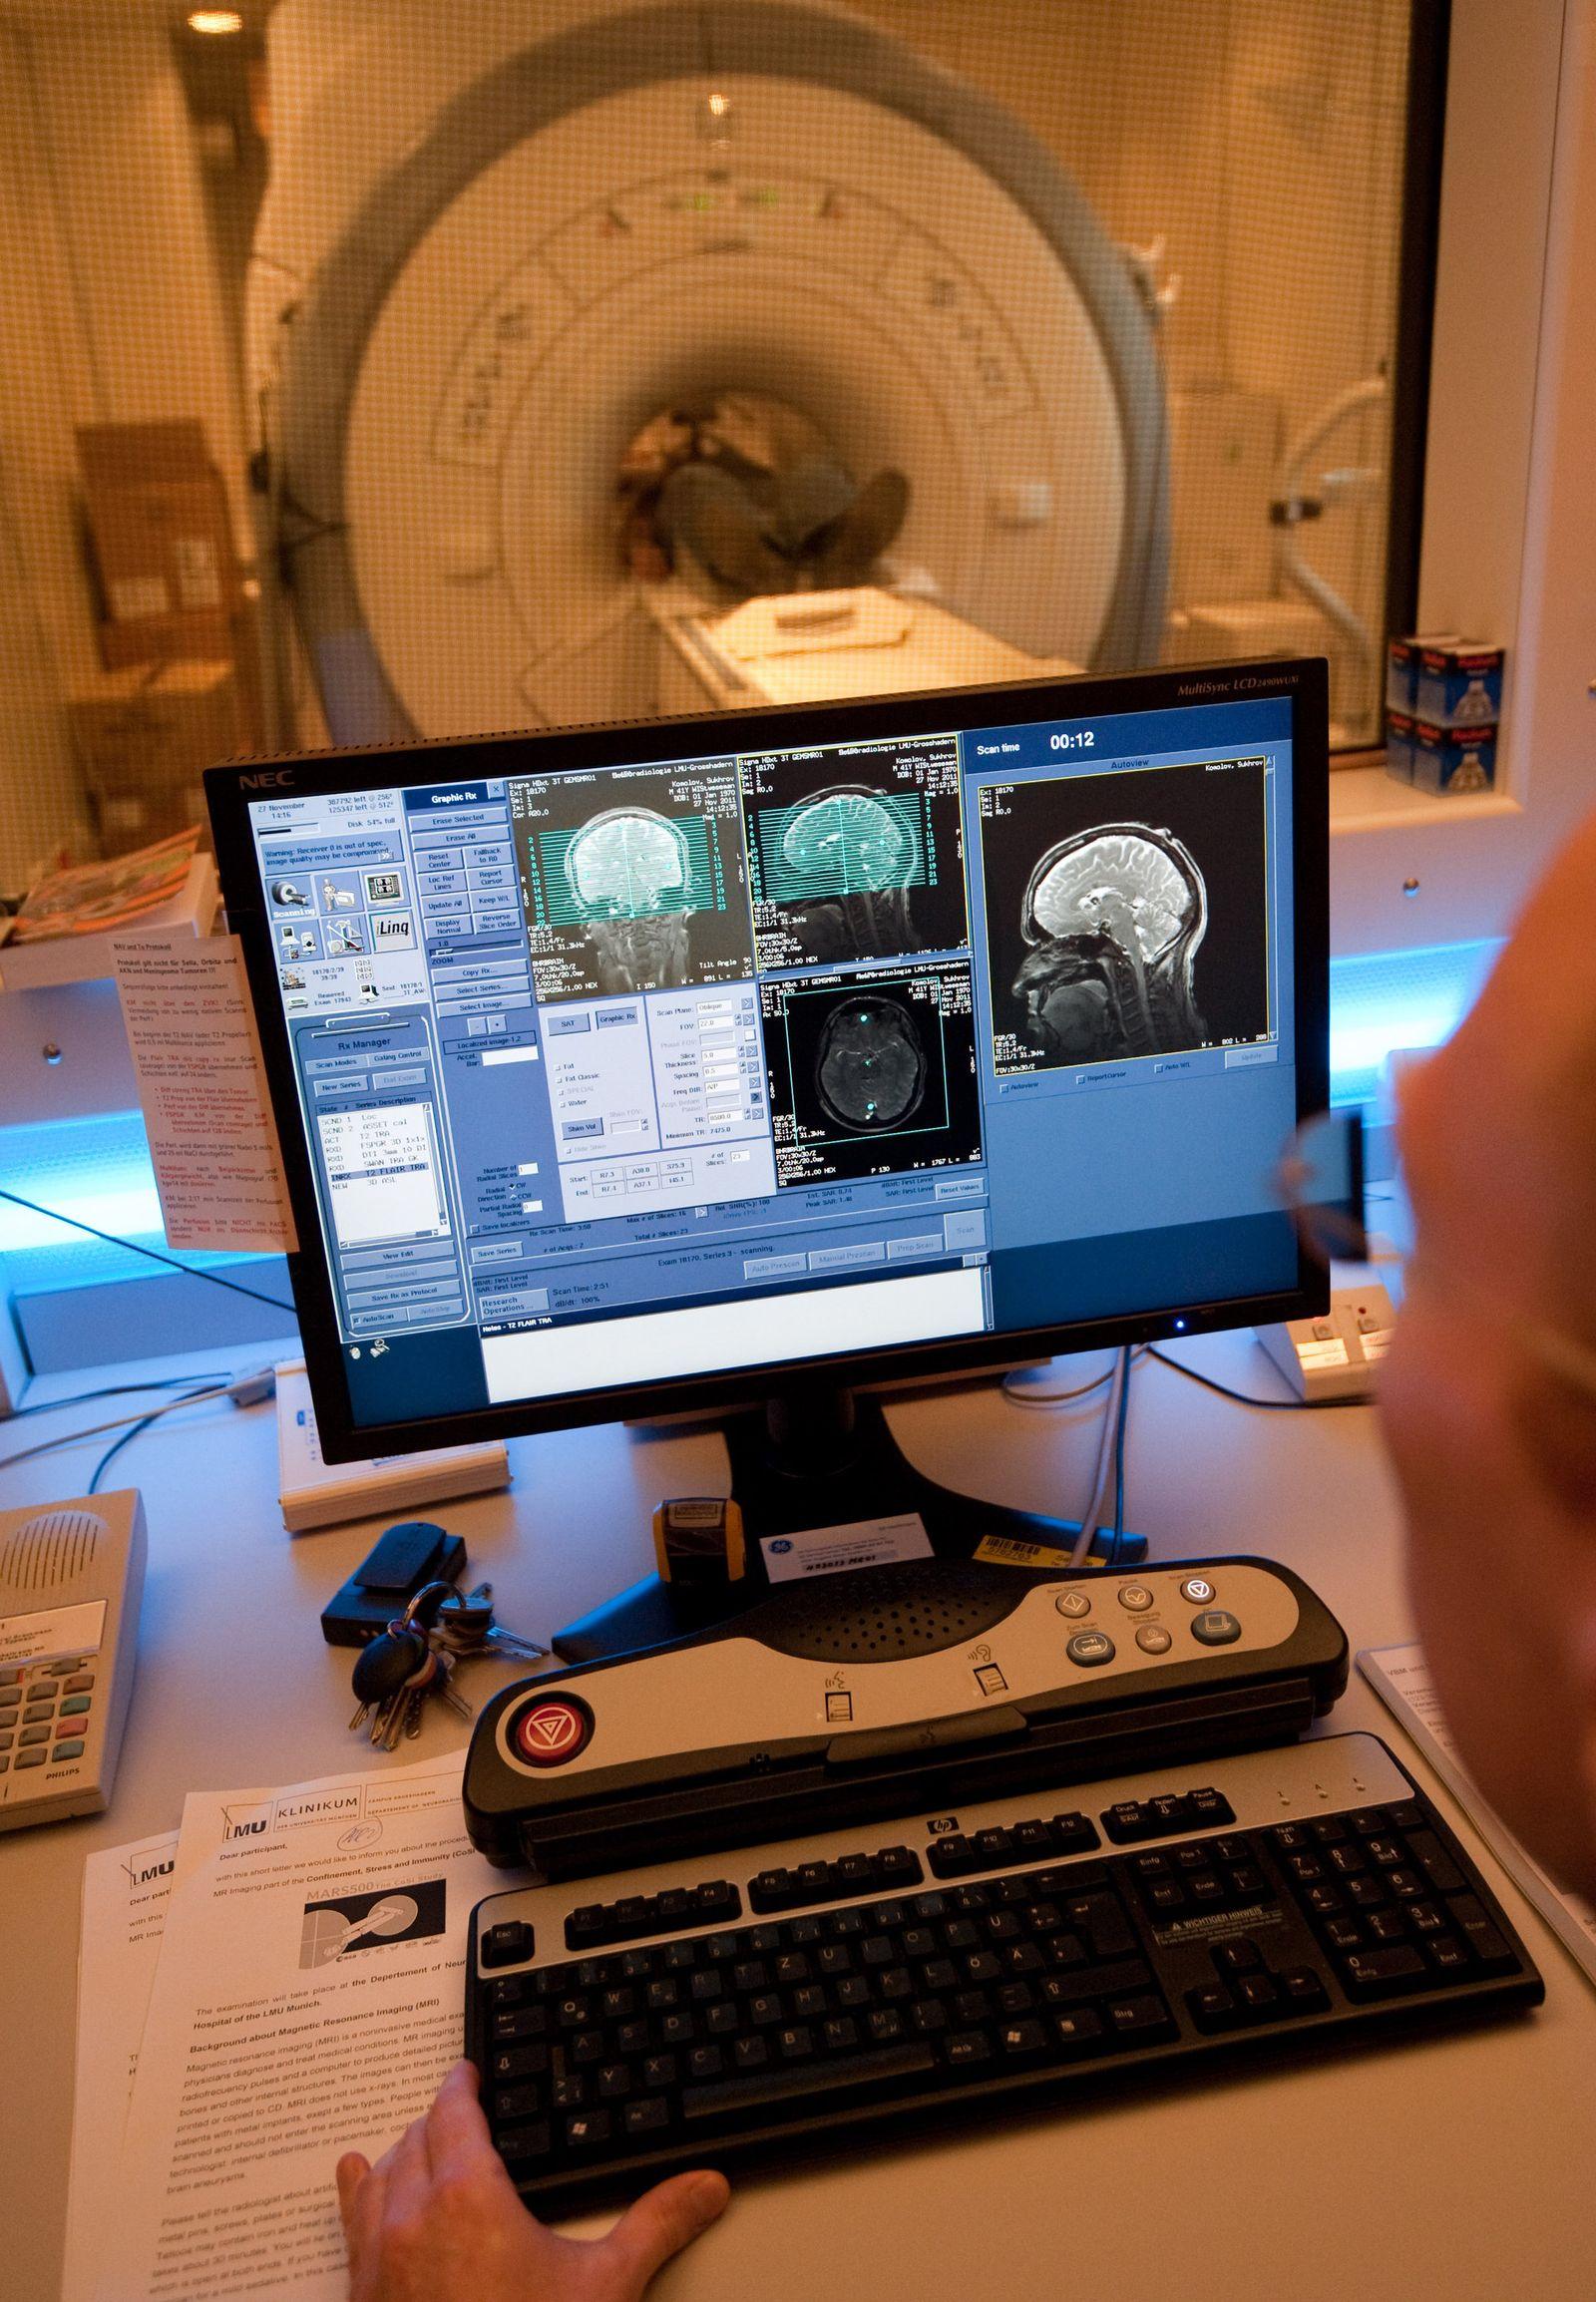 Bilder des Gehirns verraten Alter des Menschen